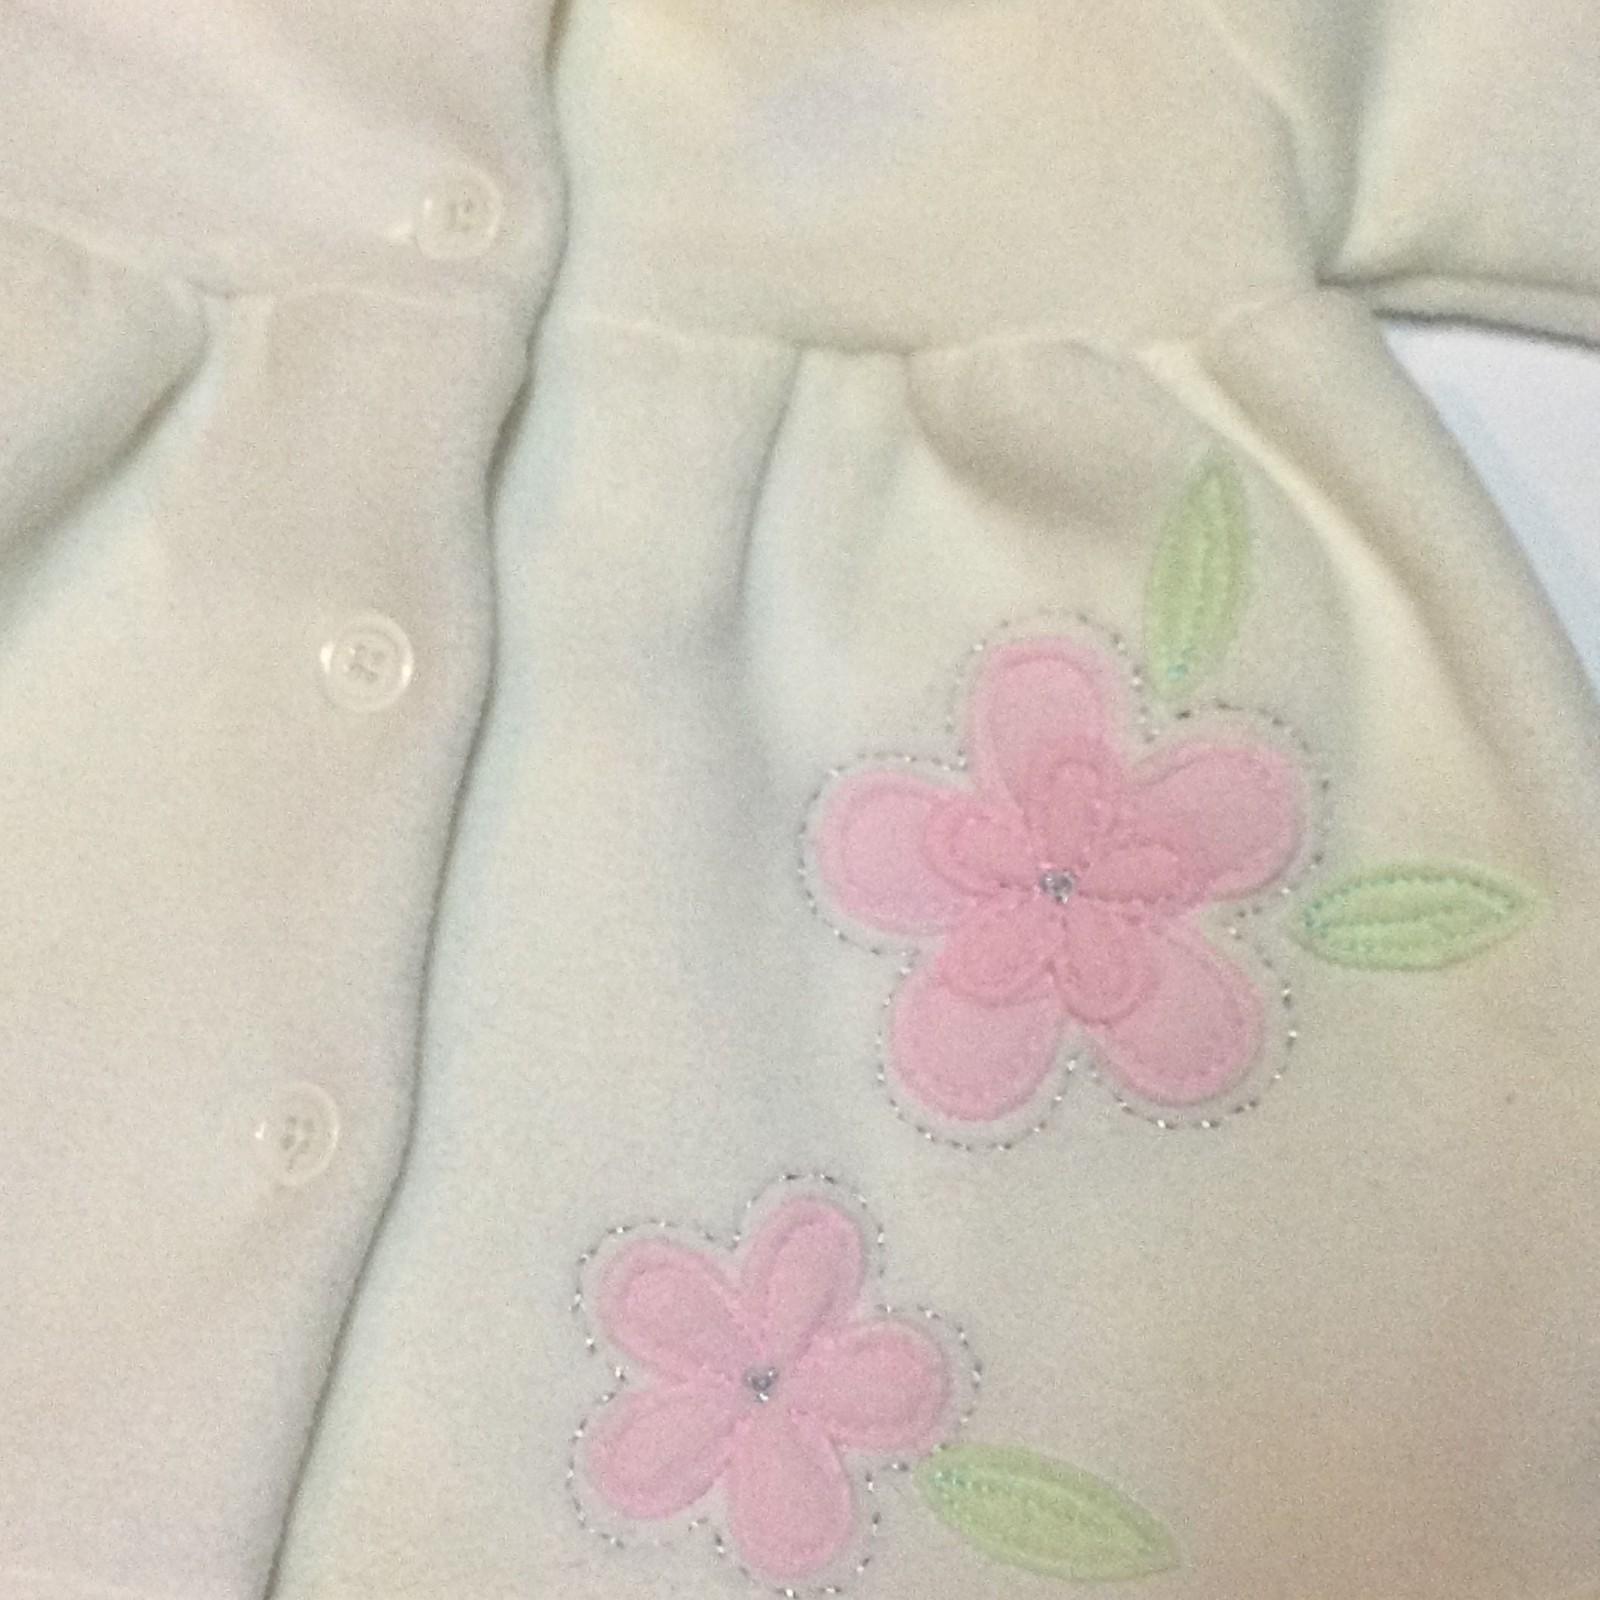 Girl Infant White Dress Jacket Goodlad of Philadelphia 12 Months